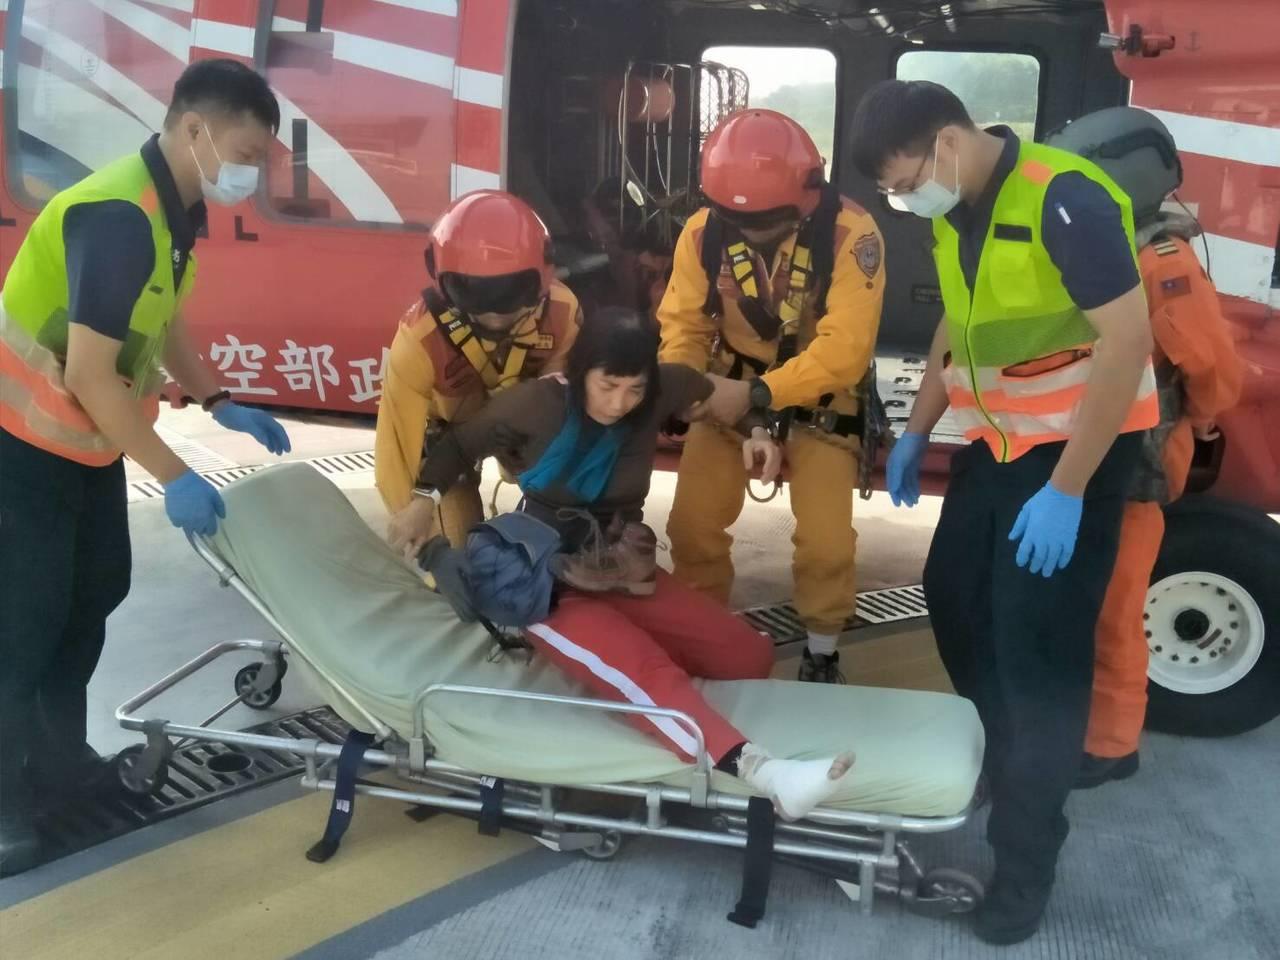 空勤總隊直升機上山下海,救受困受傷者。圖/空勤總隊提供